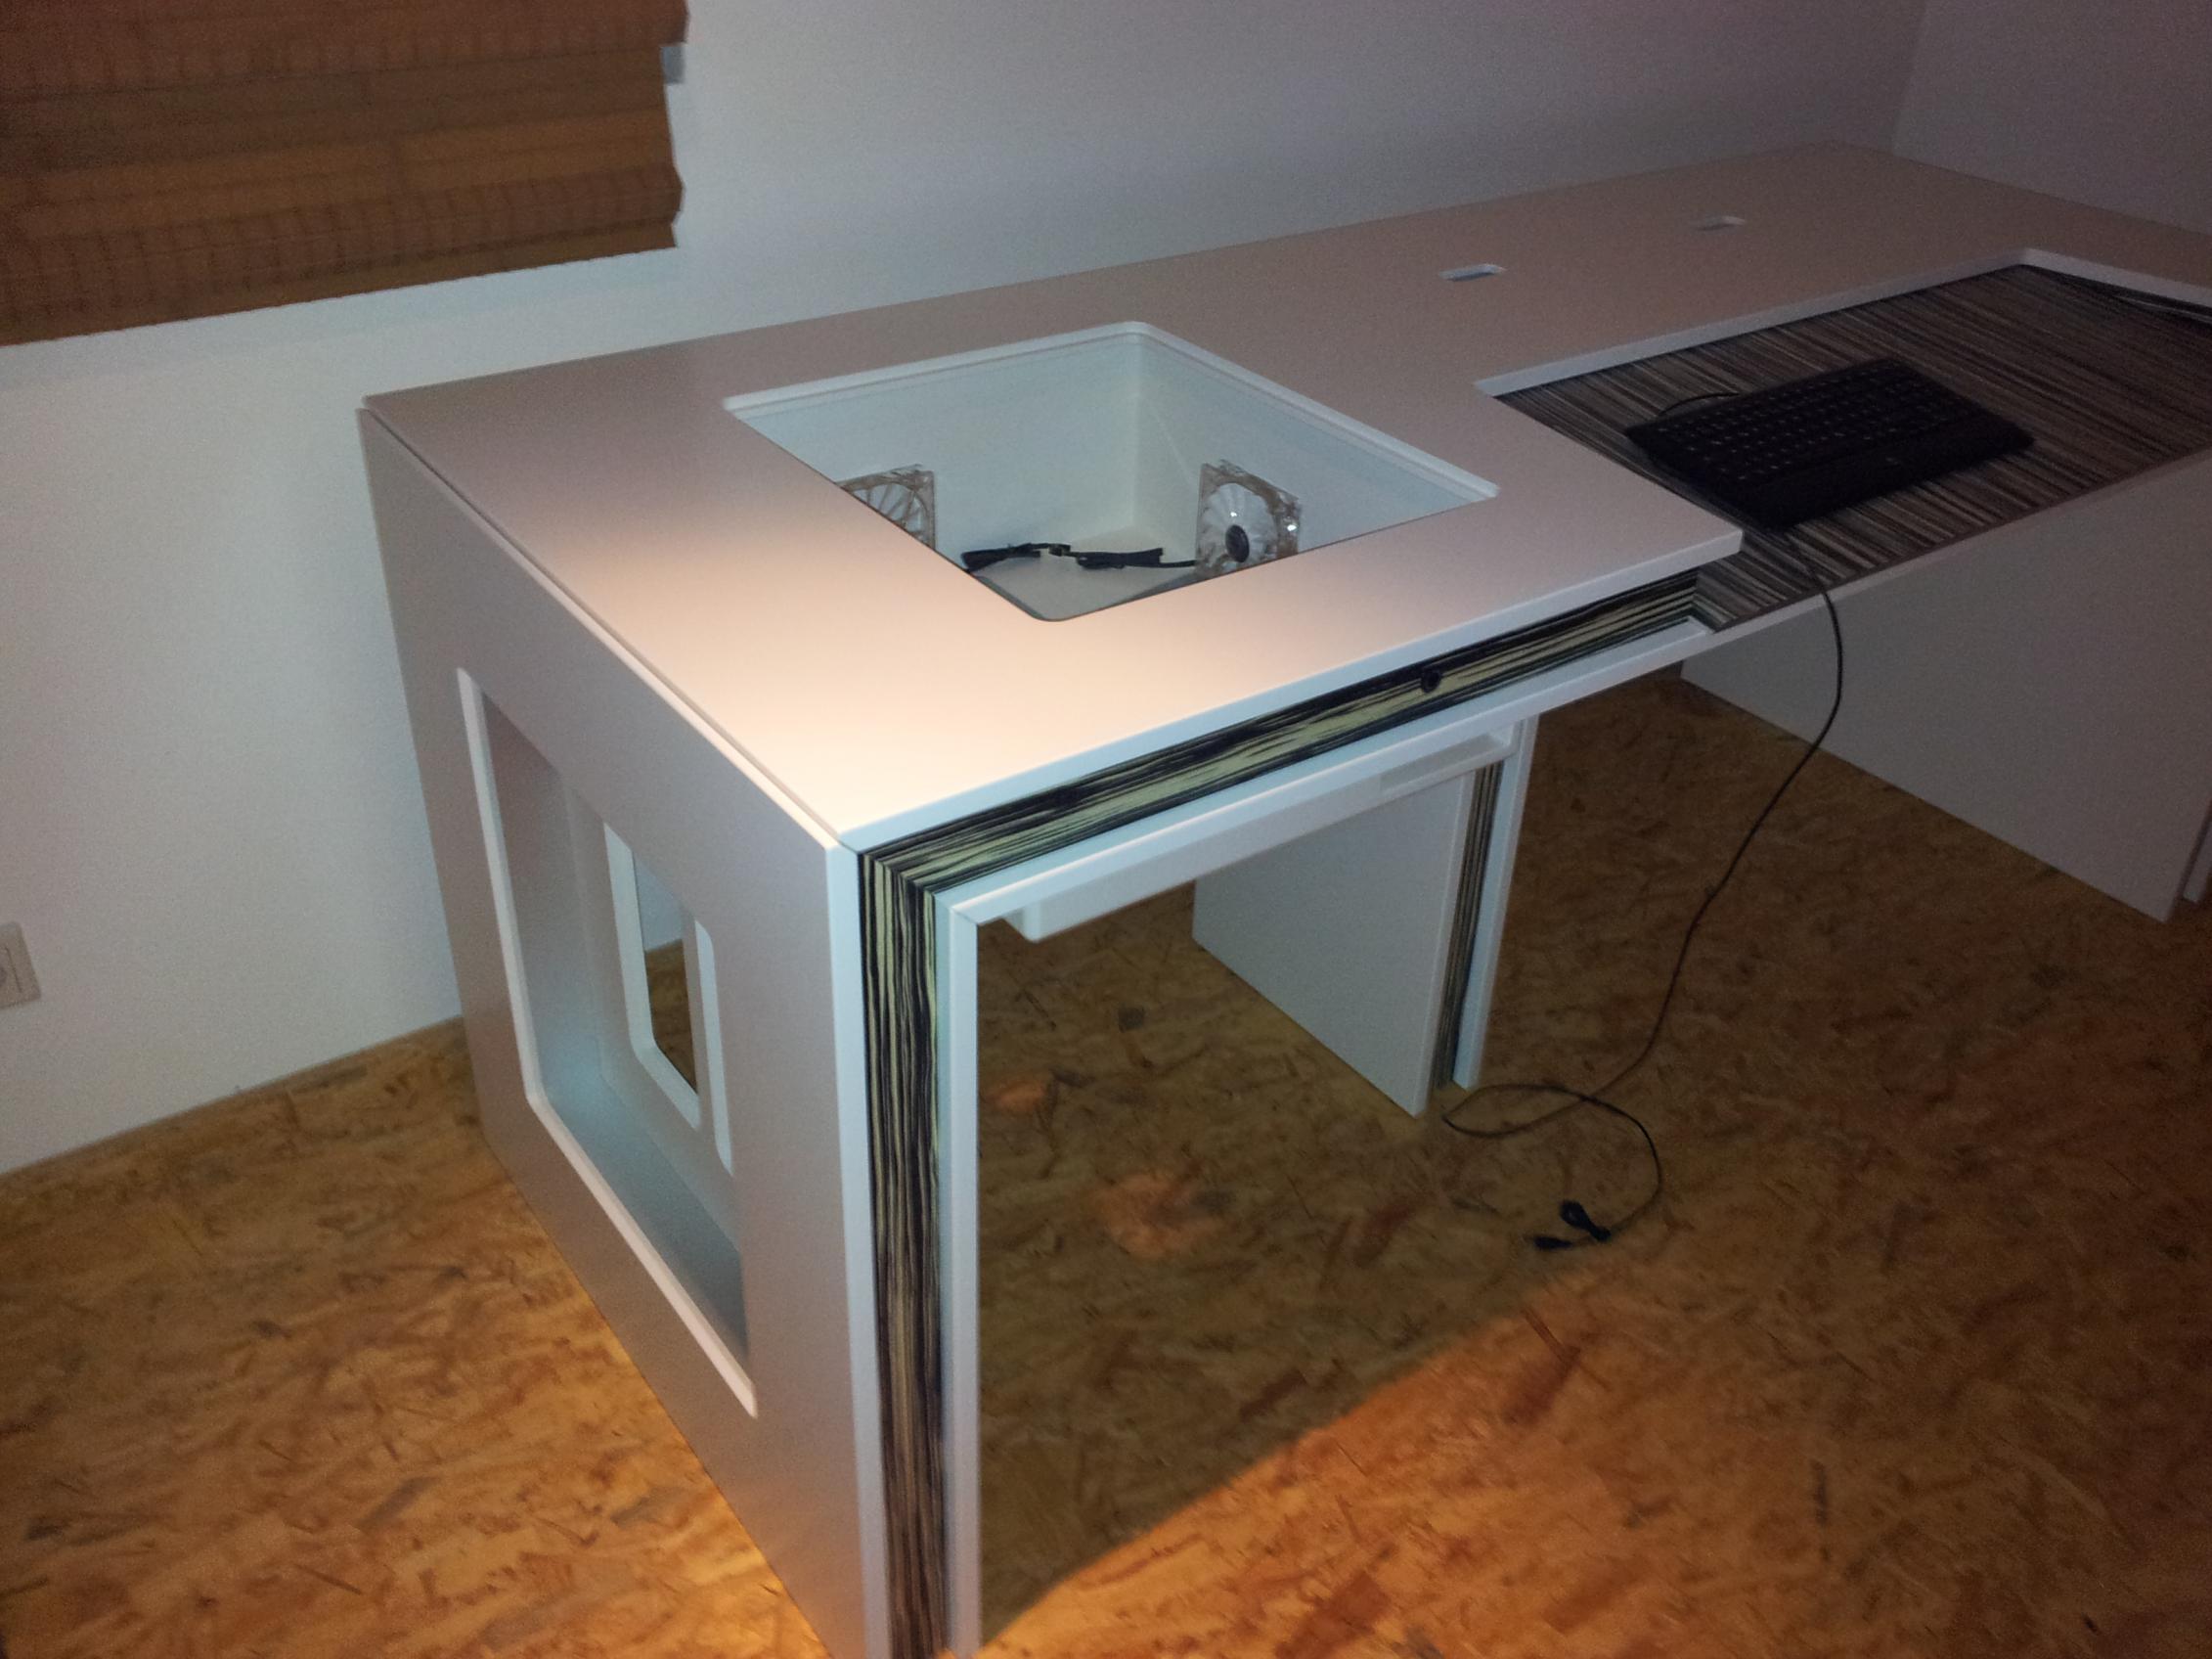 Selbst Gebauter Computer Tisch Pc Im Tisch Computerbase Forum